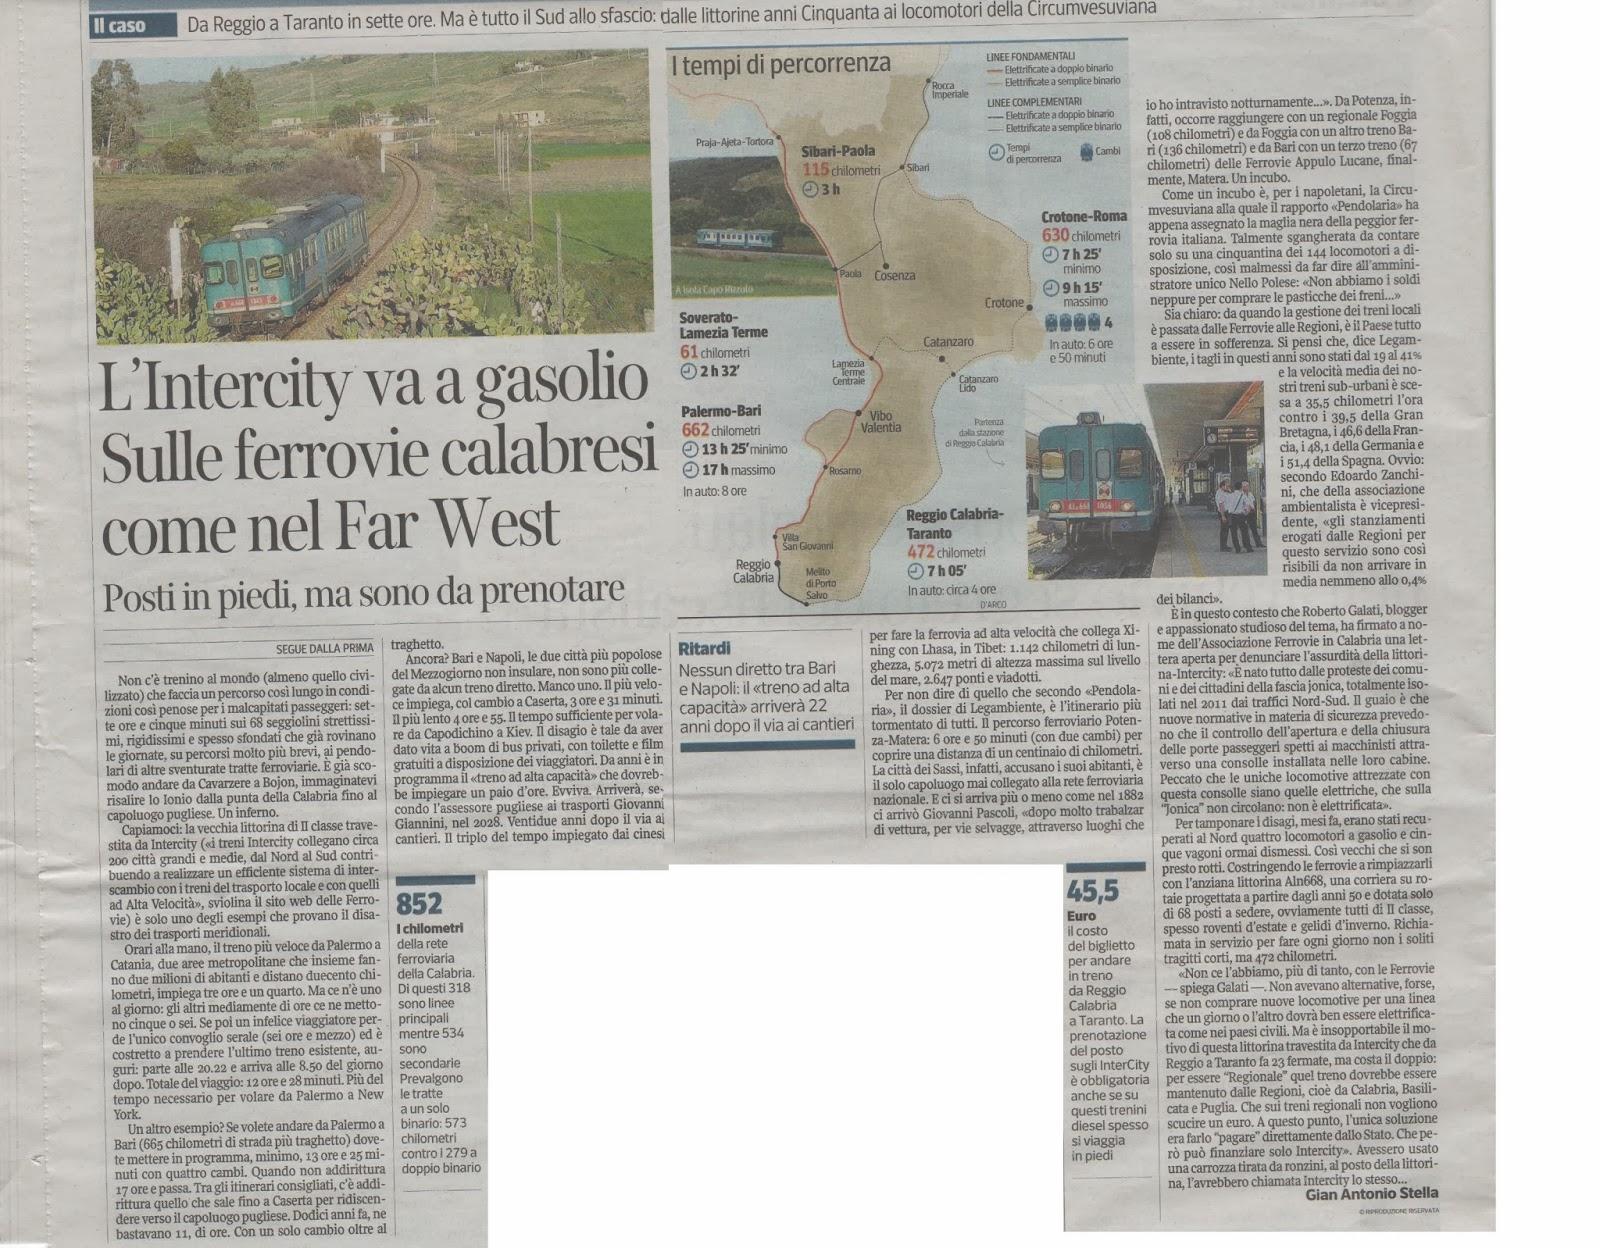 articolo corriere 07-01-14 1